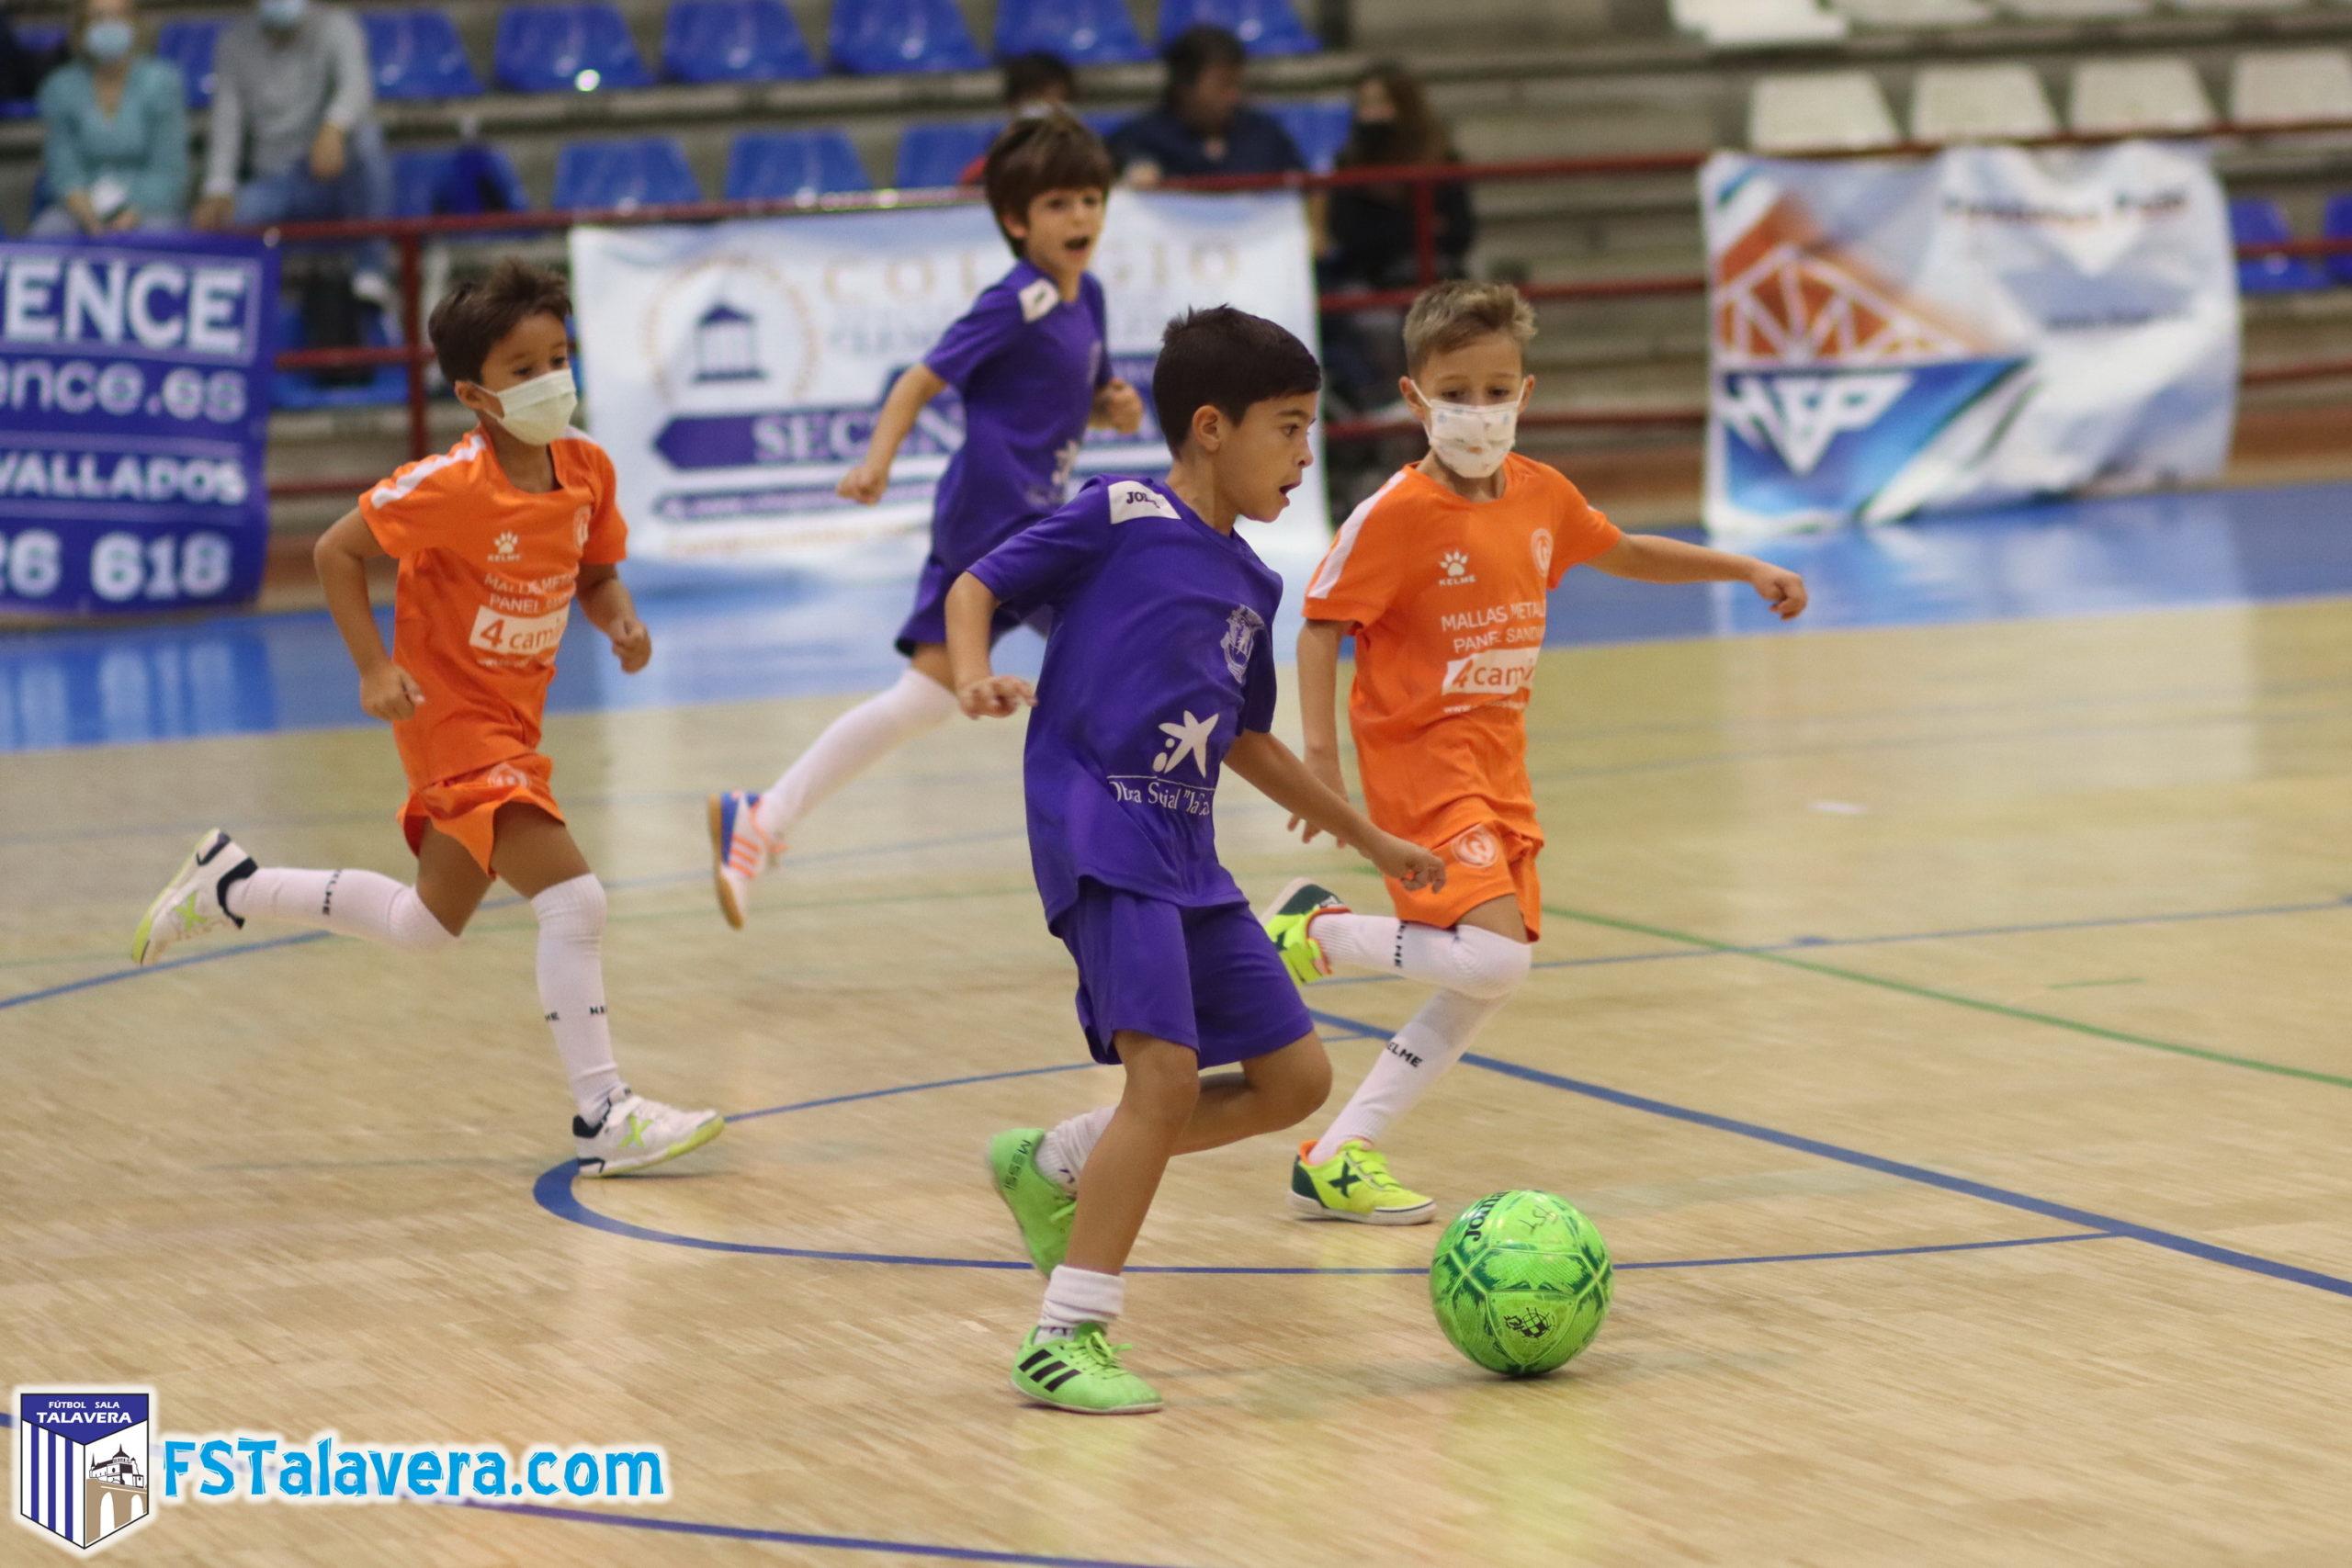 Fiesta del Fútbol Sala talaverano   El Torneo ¨Enertel¨ reunió a mas de 300 jugadores